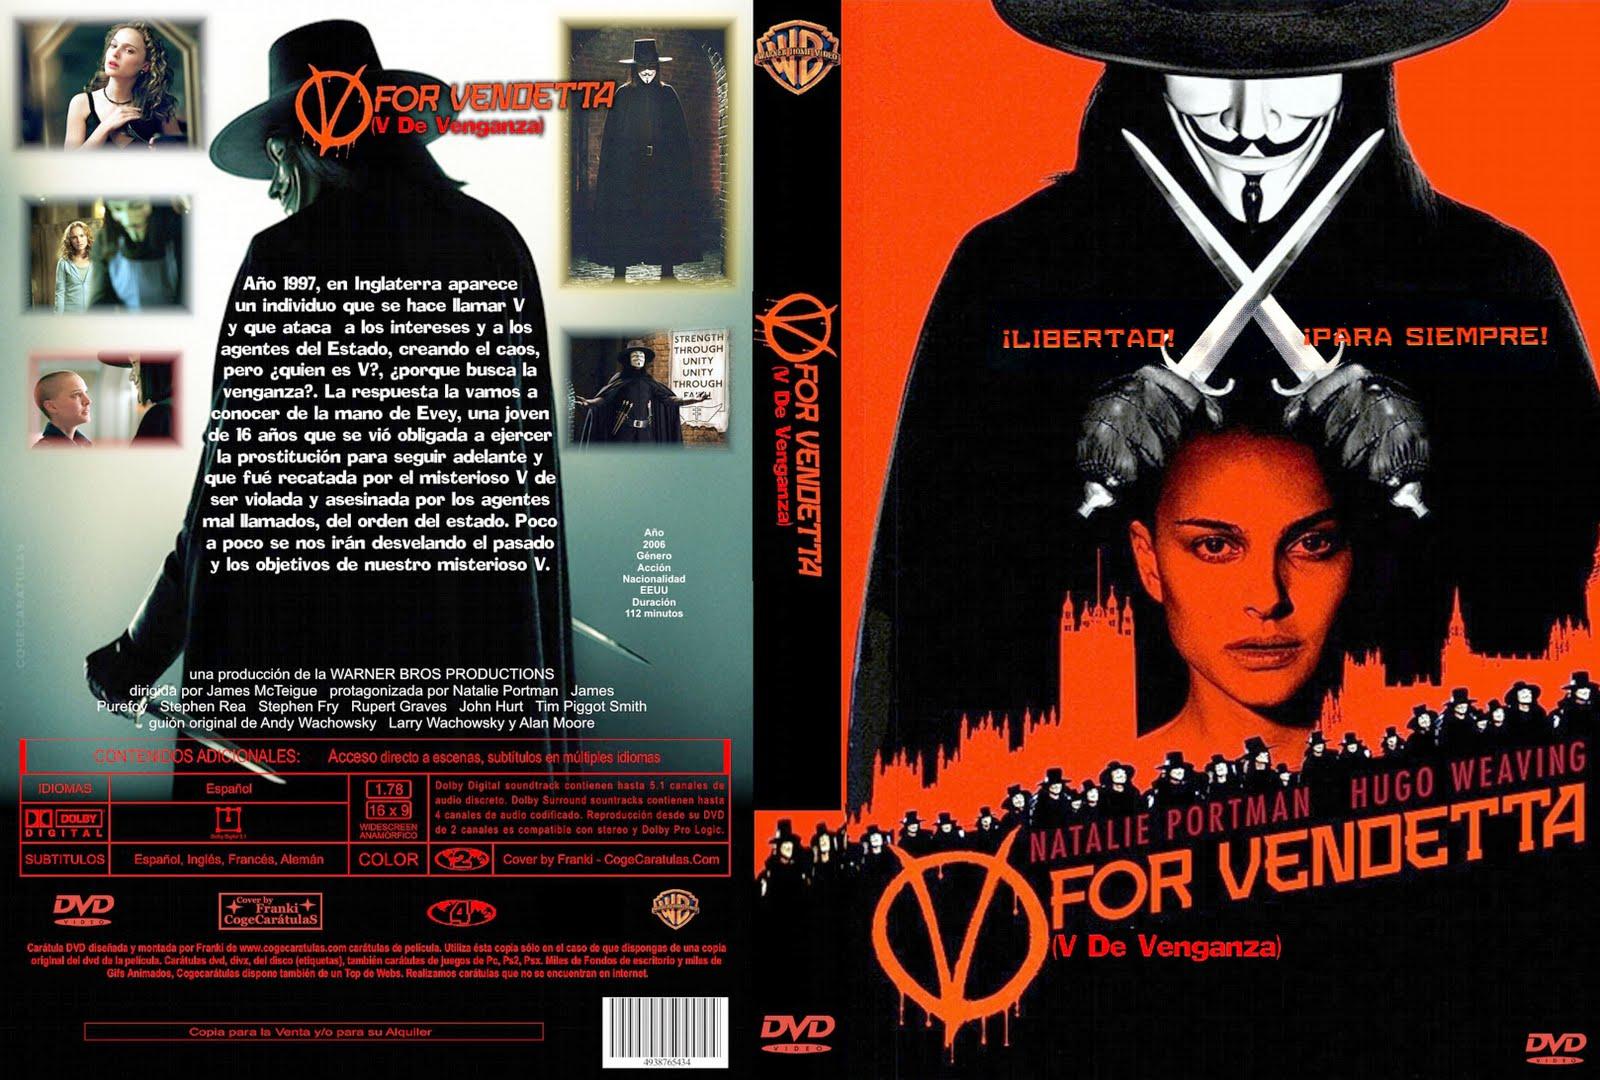 V de Venganza -2006- 827Mb. 304x720 -Mg.,Mf.y Sf.-